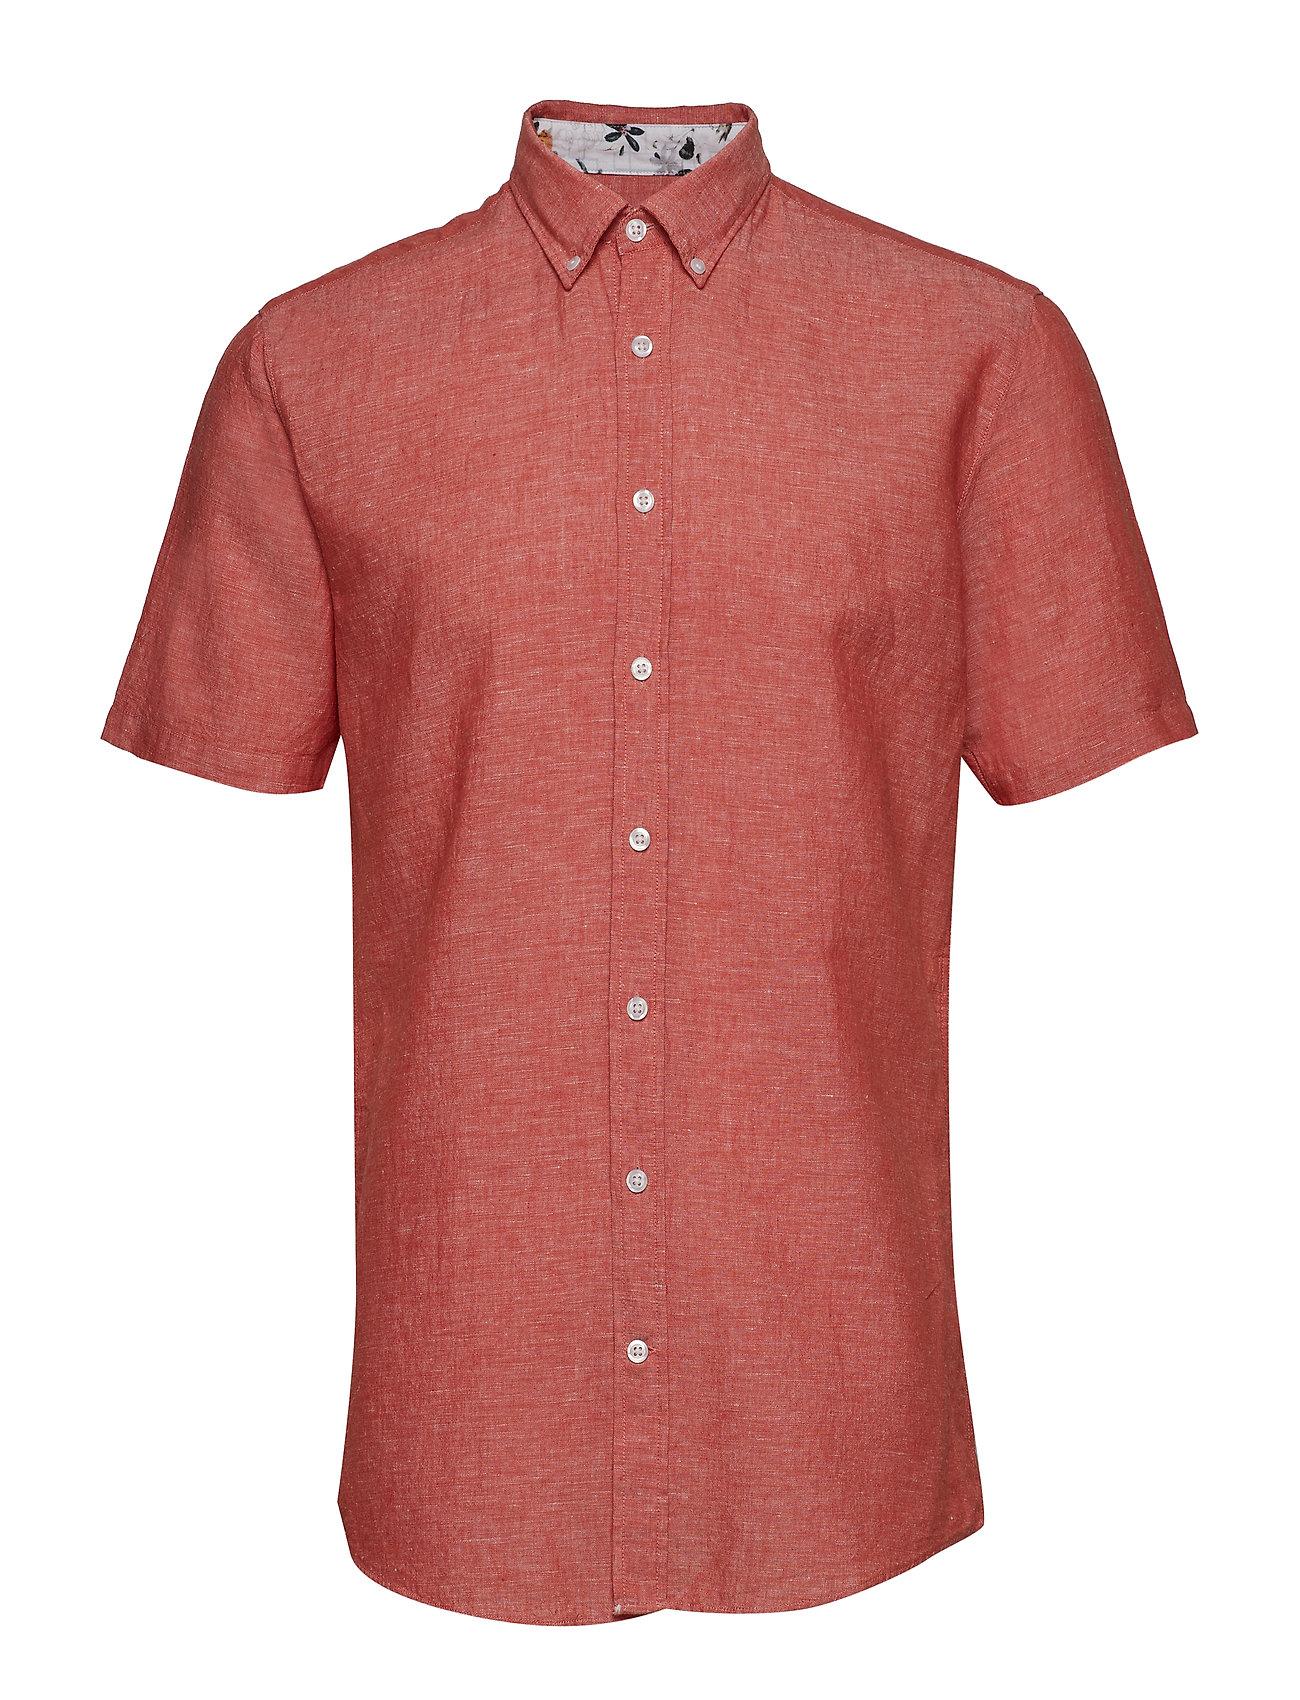 Lindbergh Solid cotton/linen shirt S/S - ORANGE